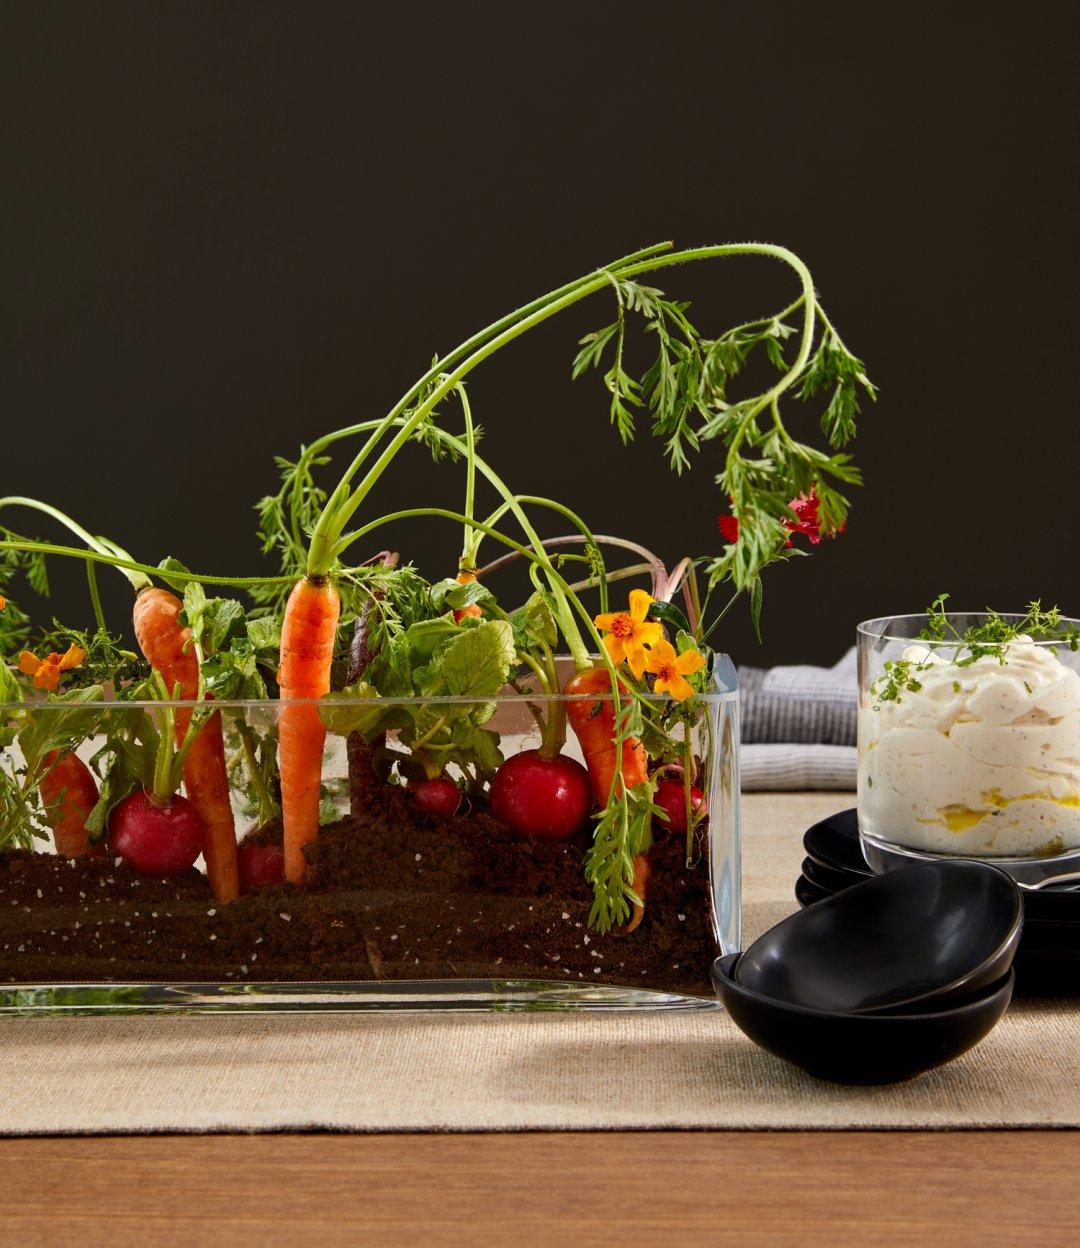 Veggies displayed in edible dirt dip in long glass vase